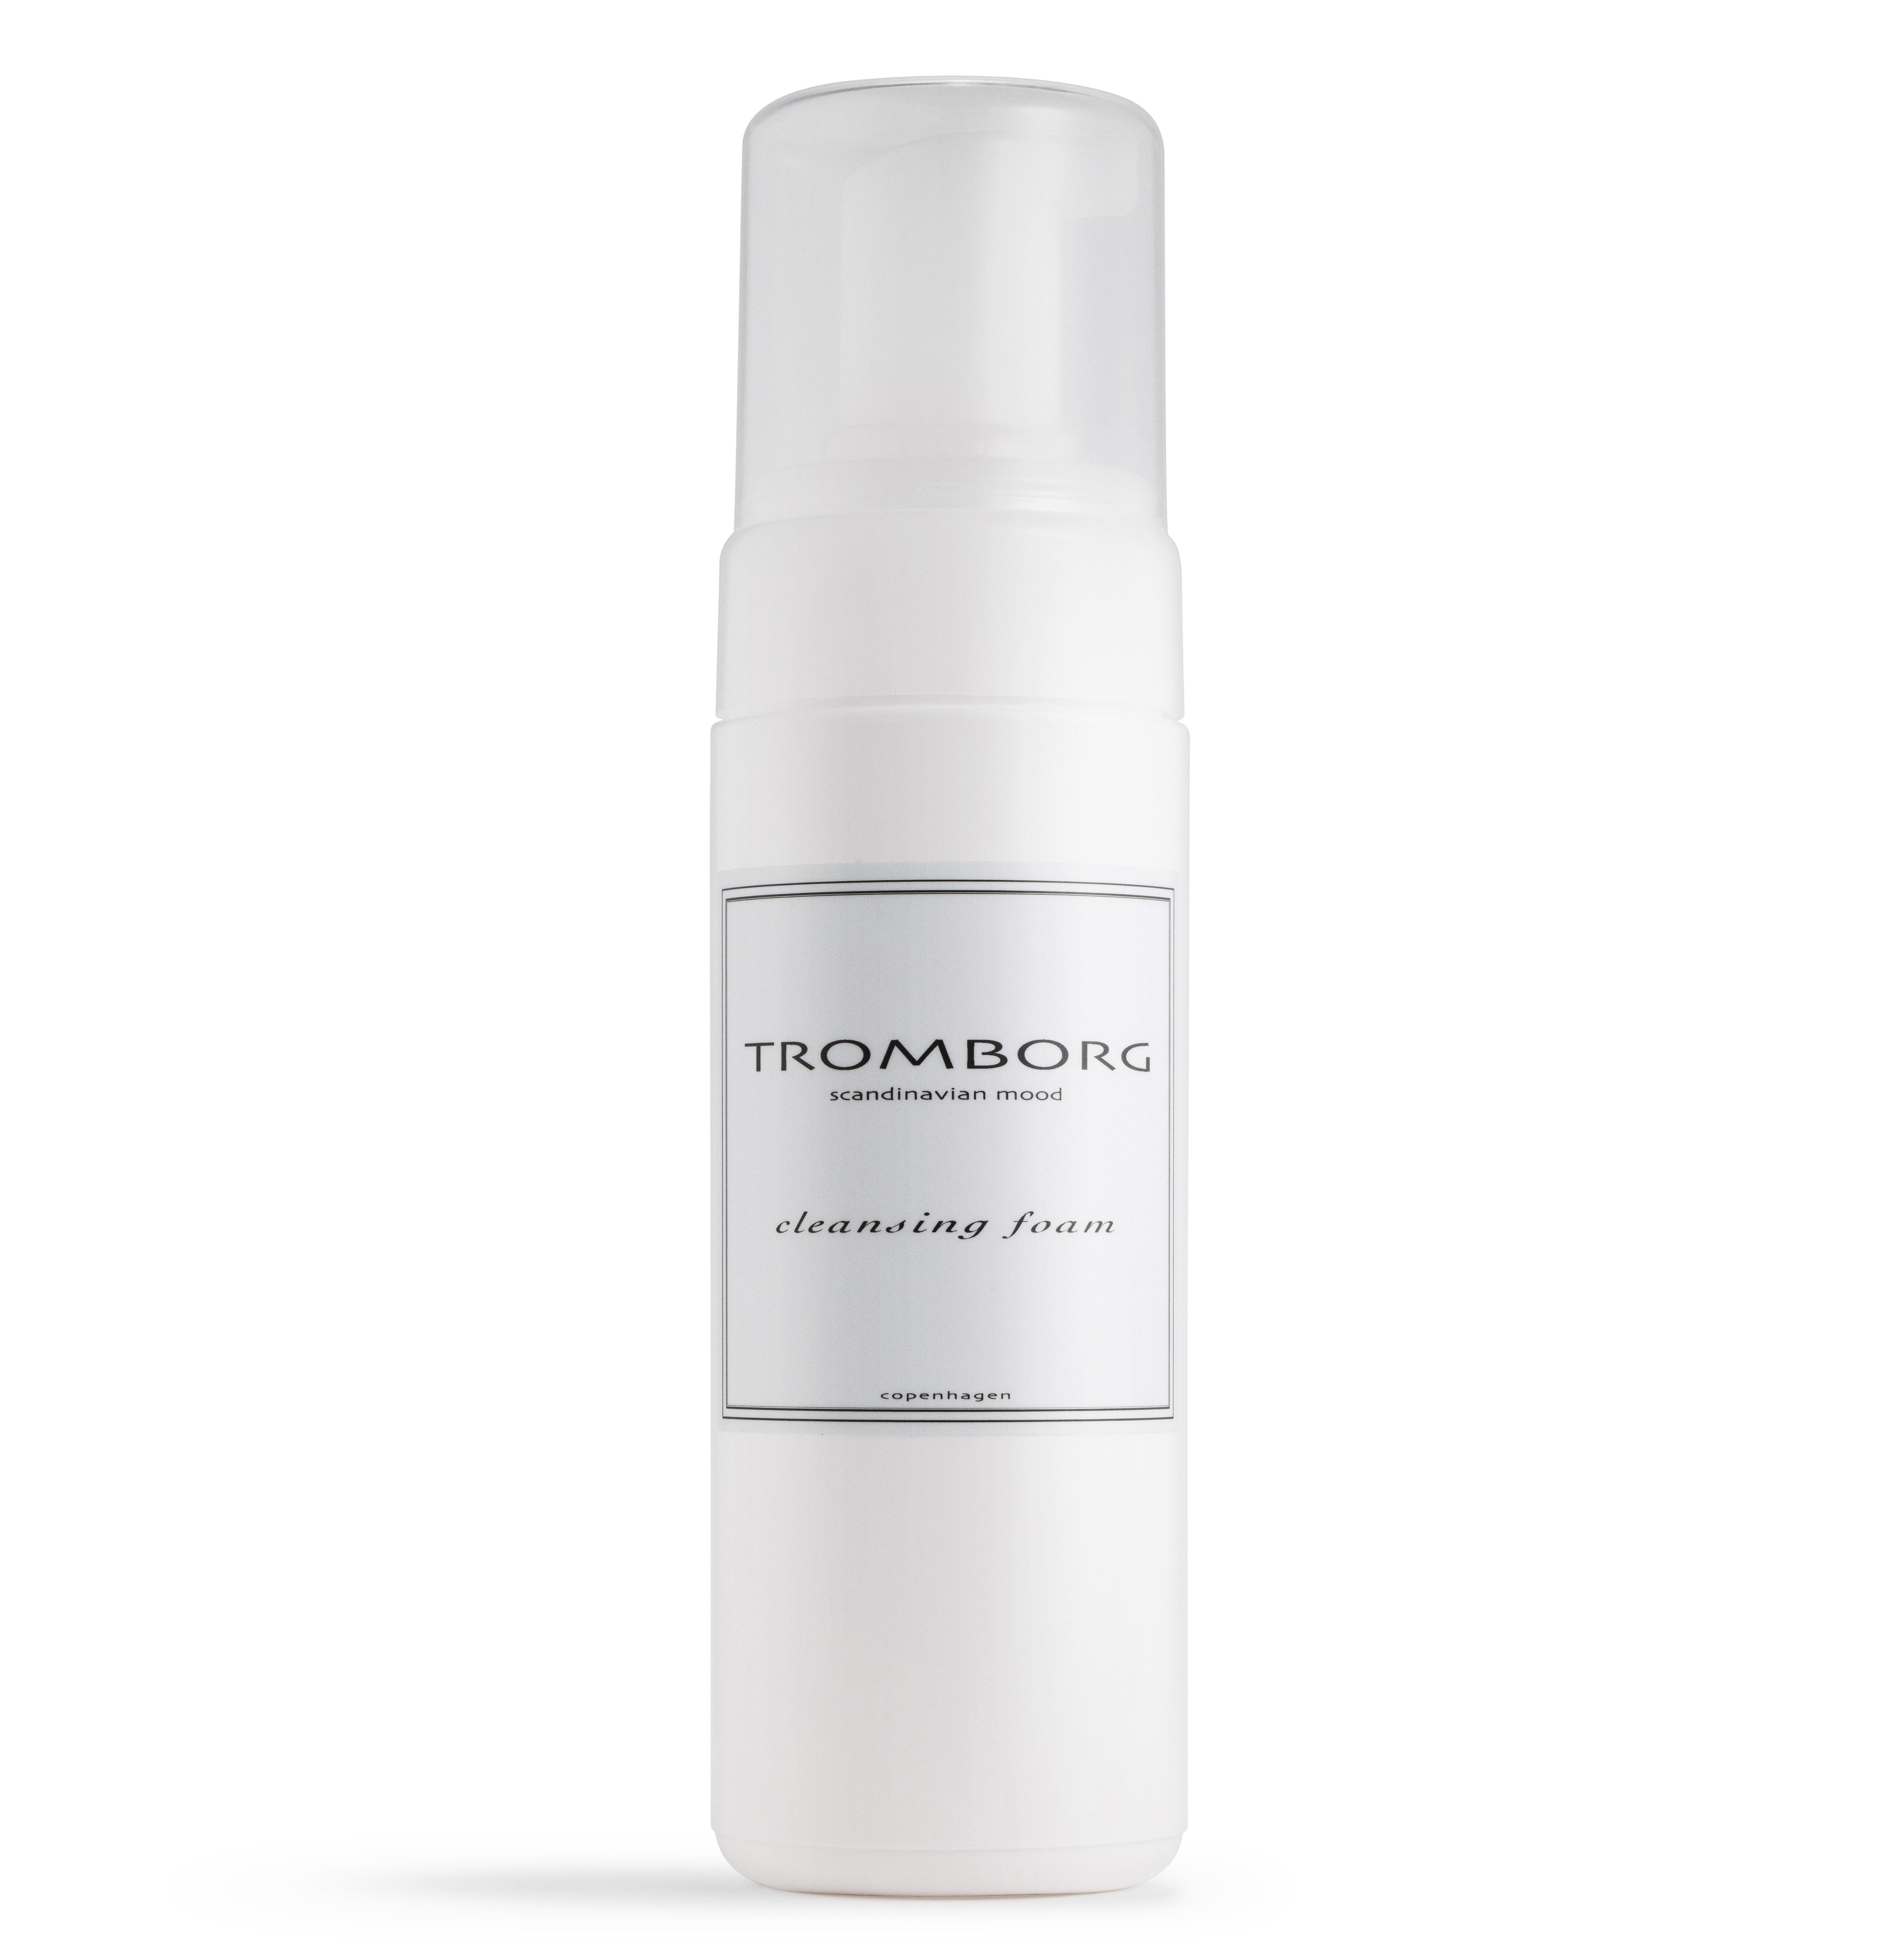 Tromborg Cleansing Foam, 150 ml